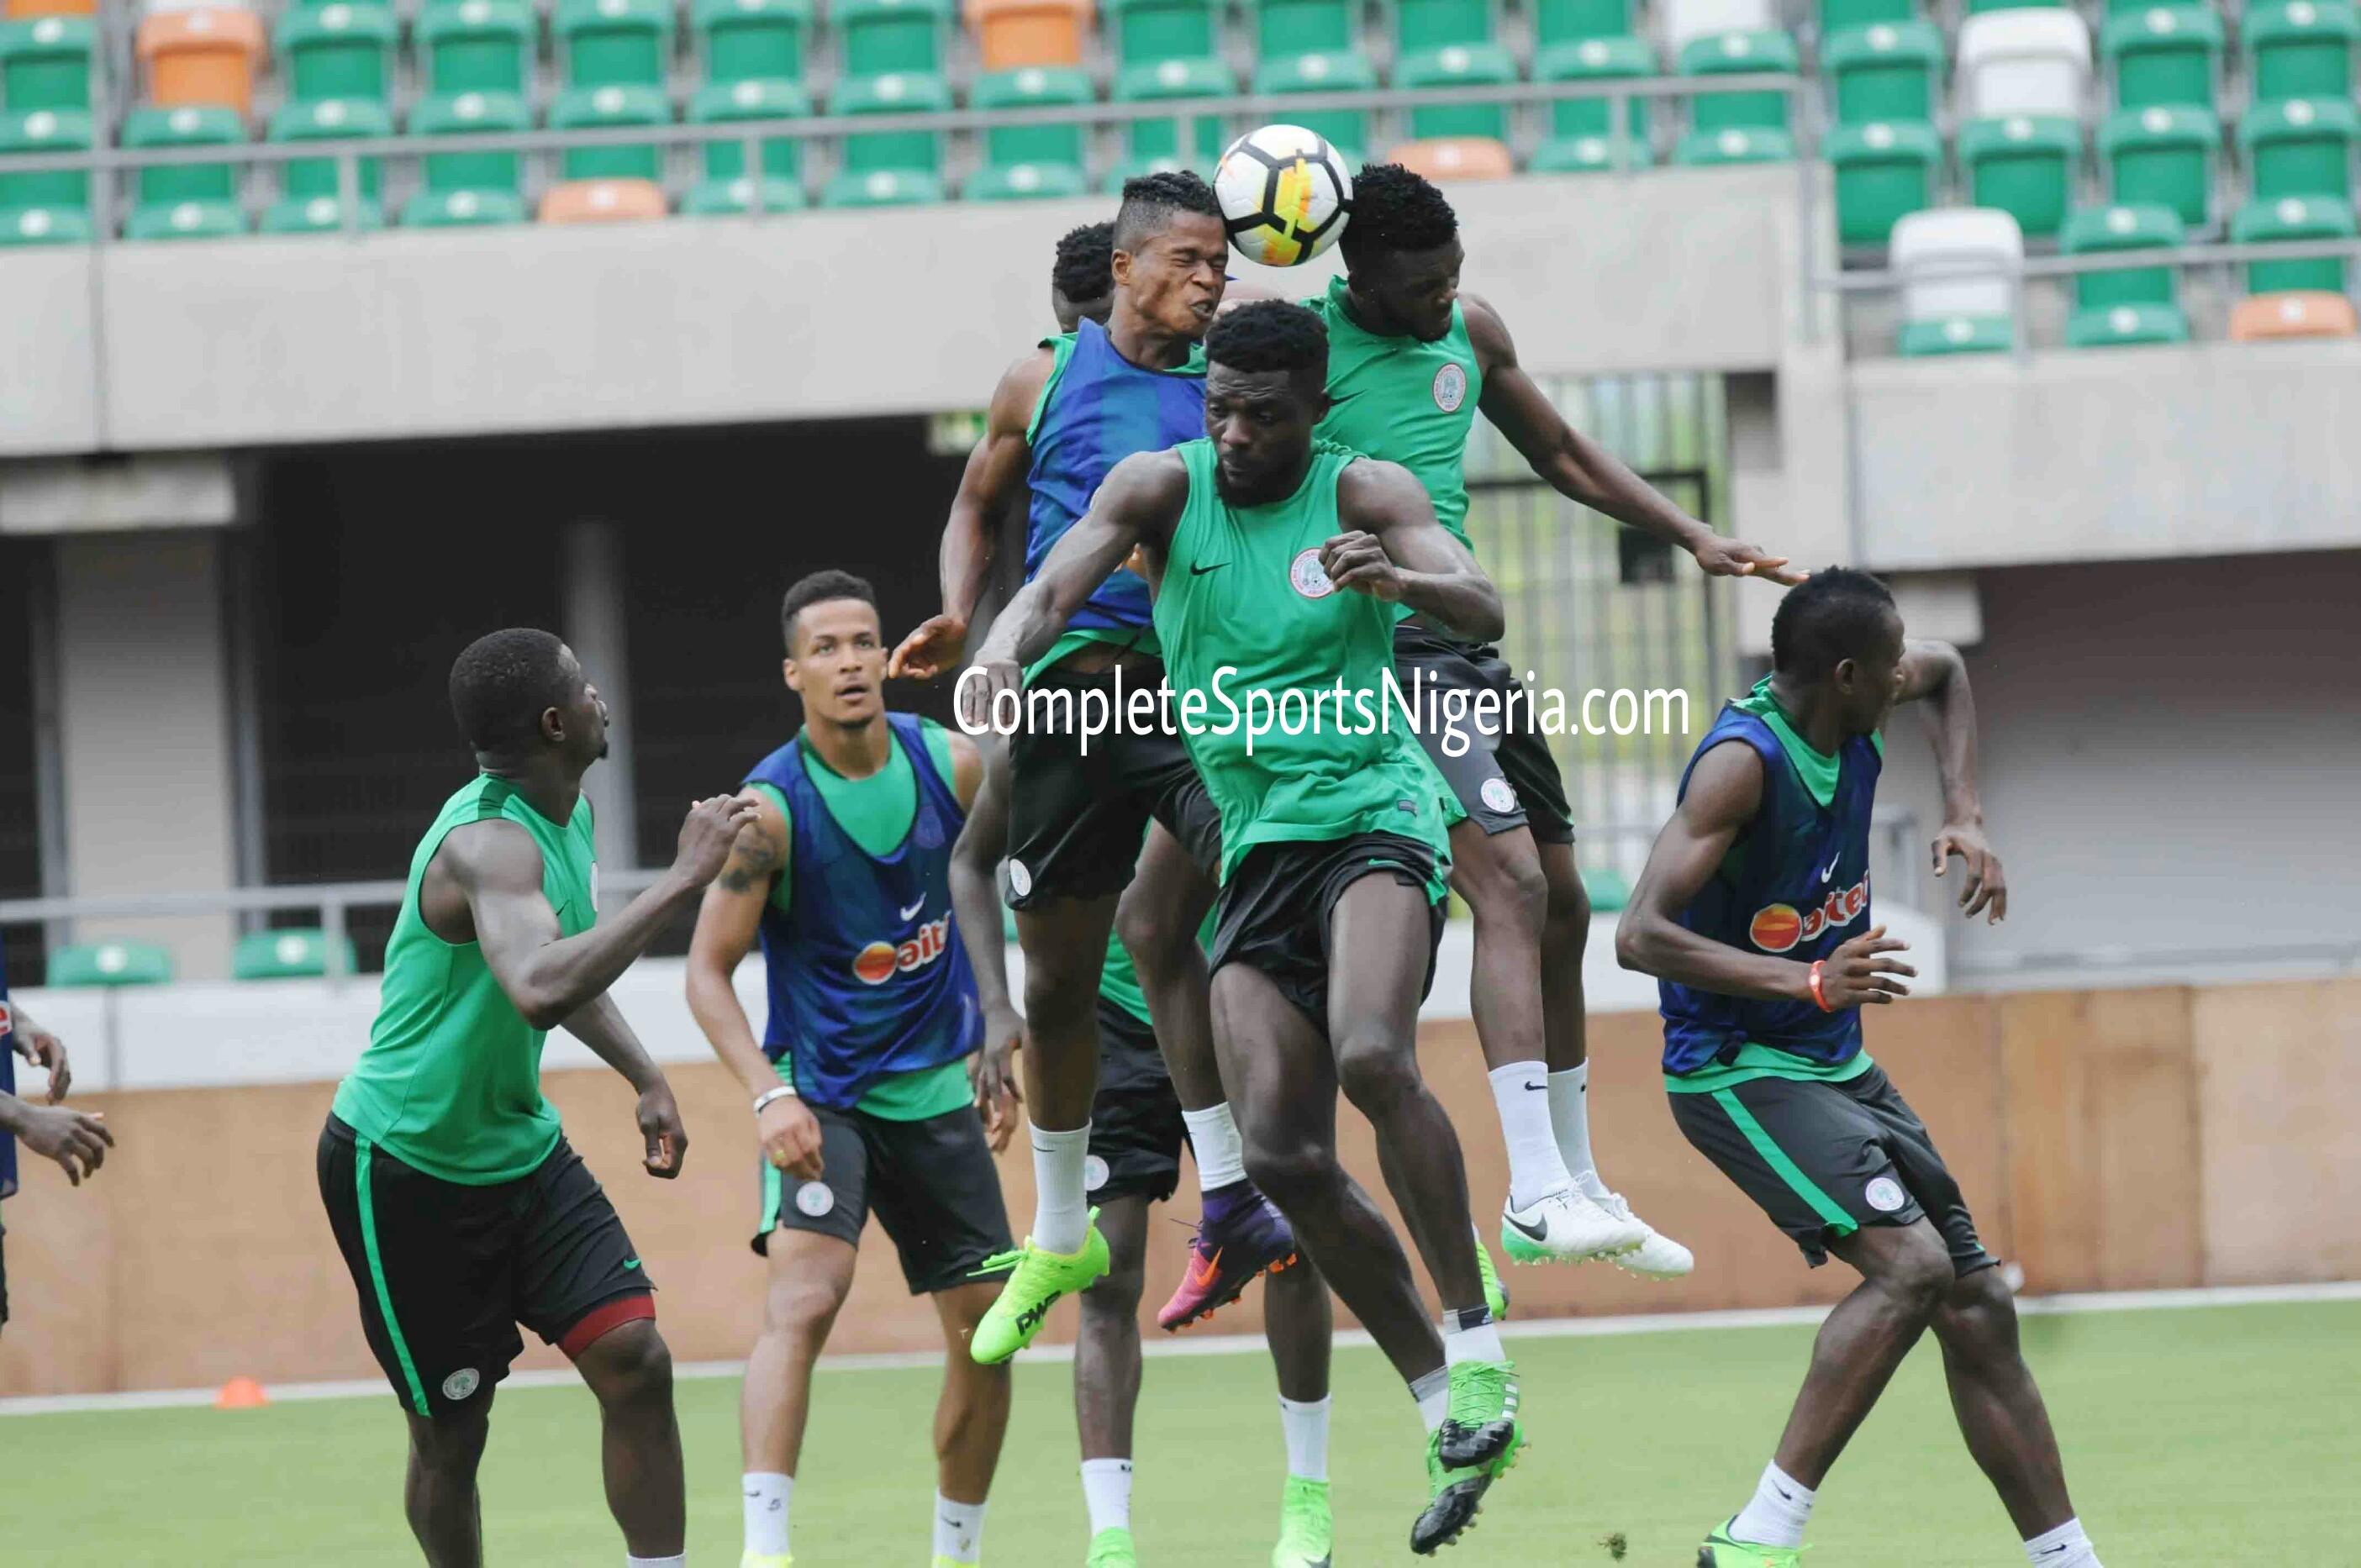 Eagles XI Vs Bafana: Ndidi, Awaziem, Iheanacho, Etebo, Iwobi Start; Omeruo, Musa Benched